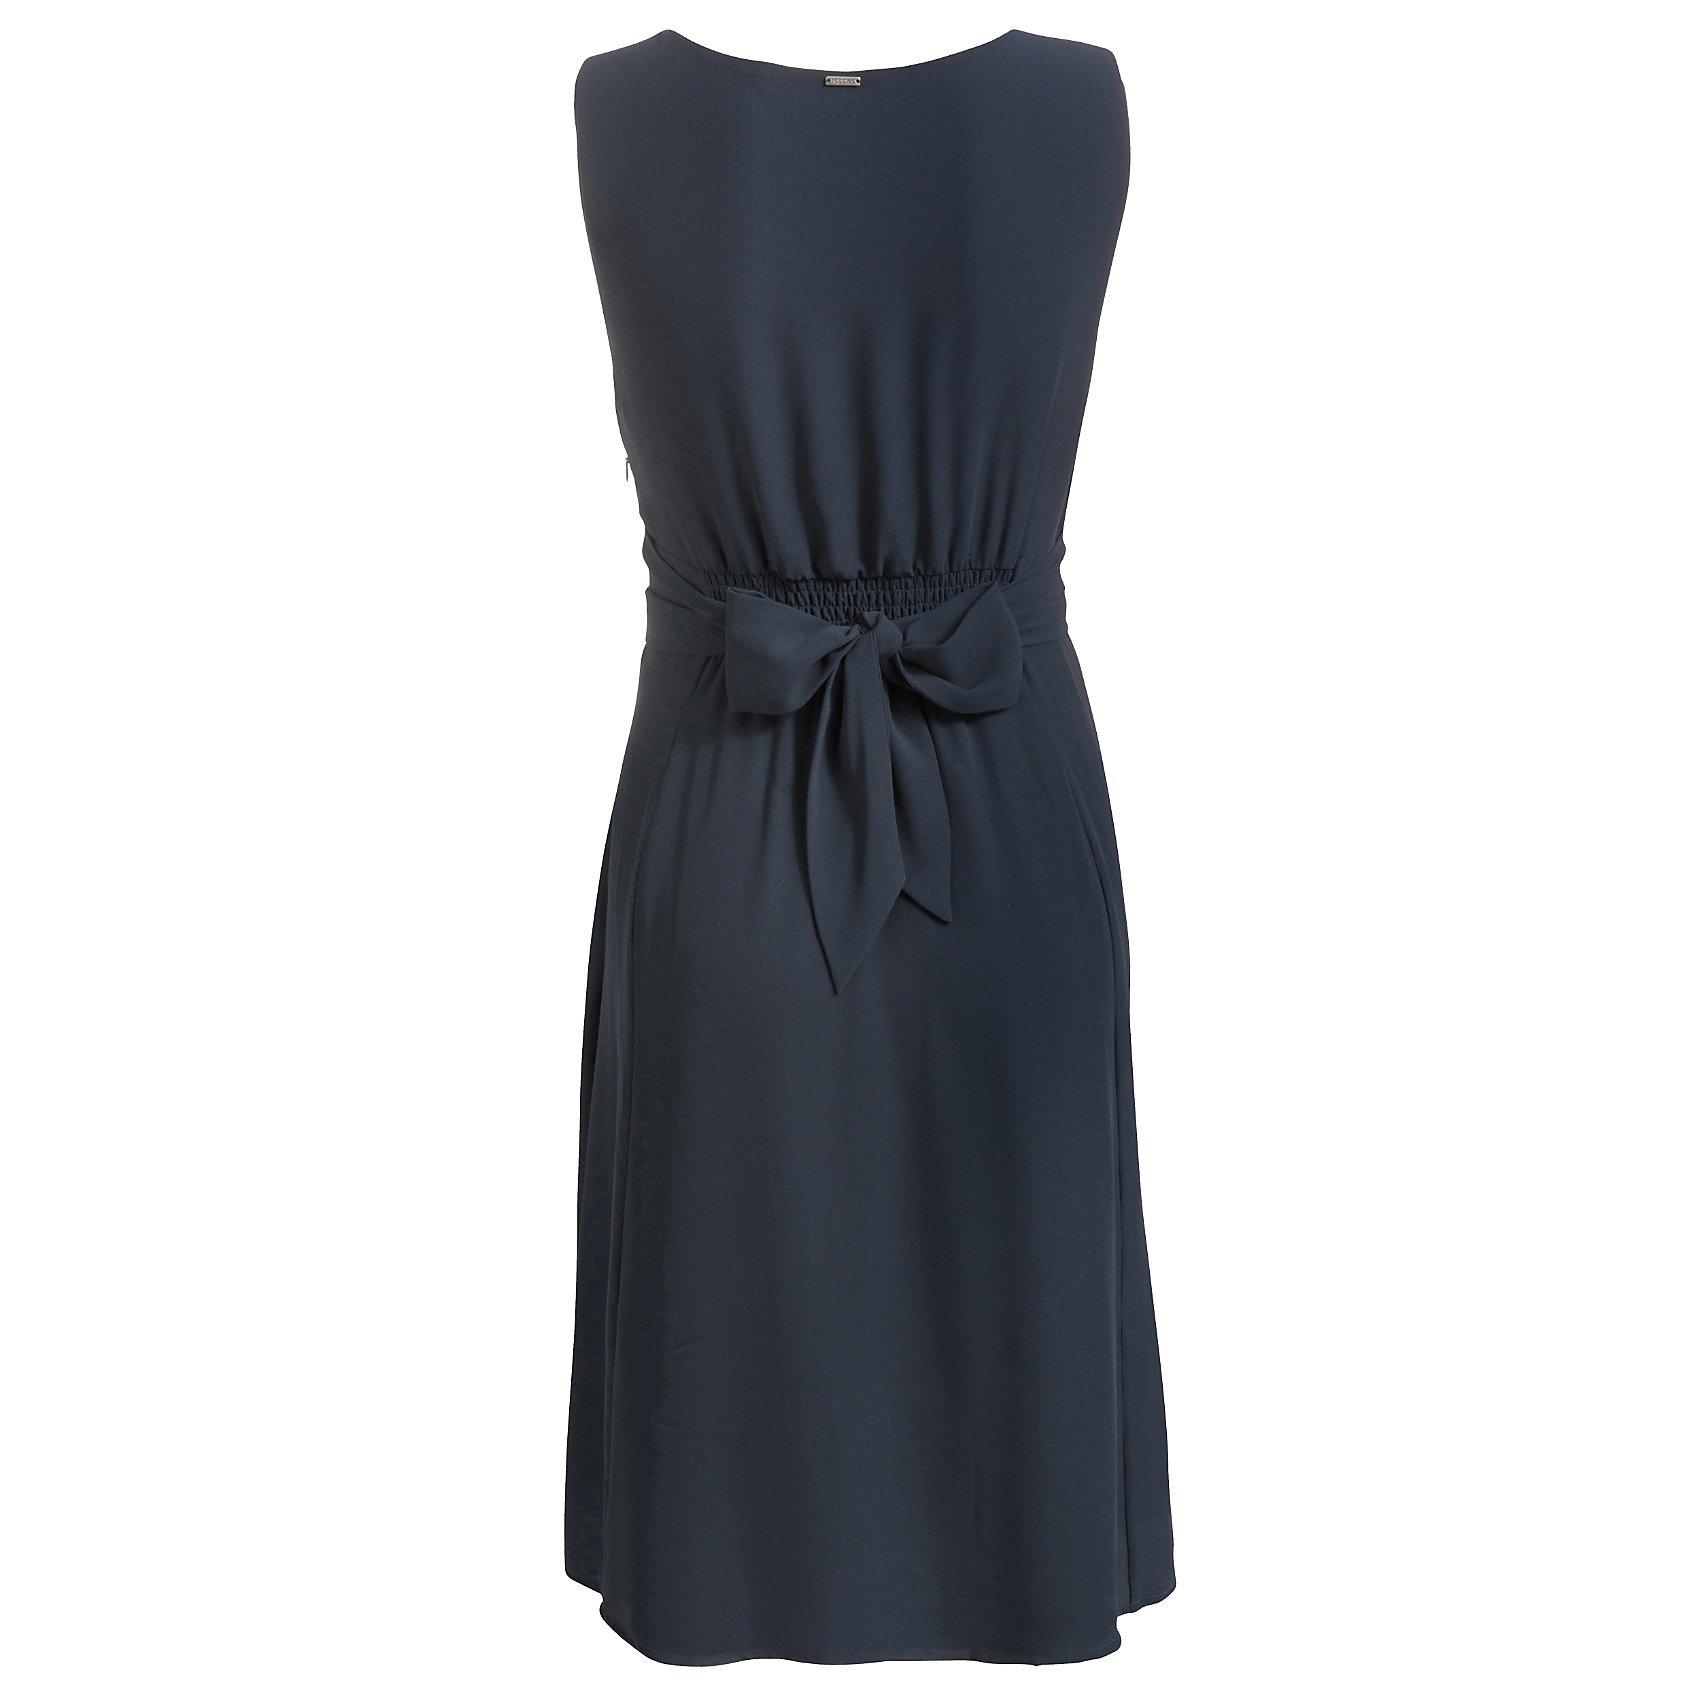 Neu noppies Umstandskleid Liane 5786330 für Damen dunkelblau offwhite